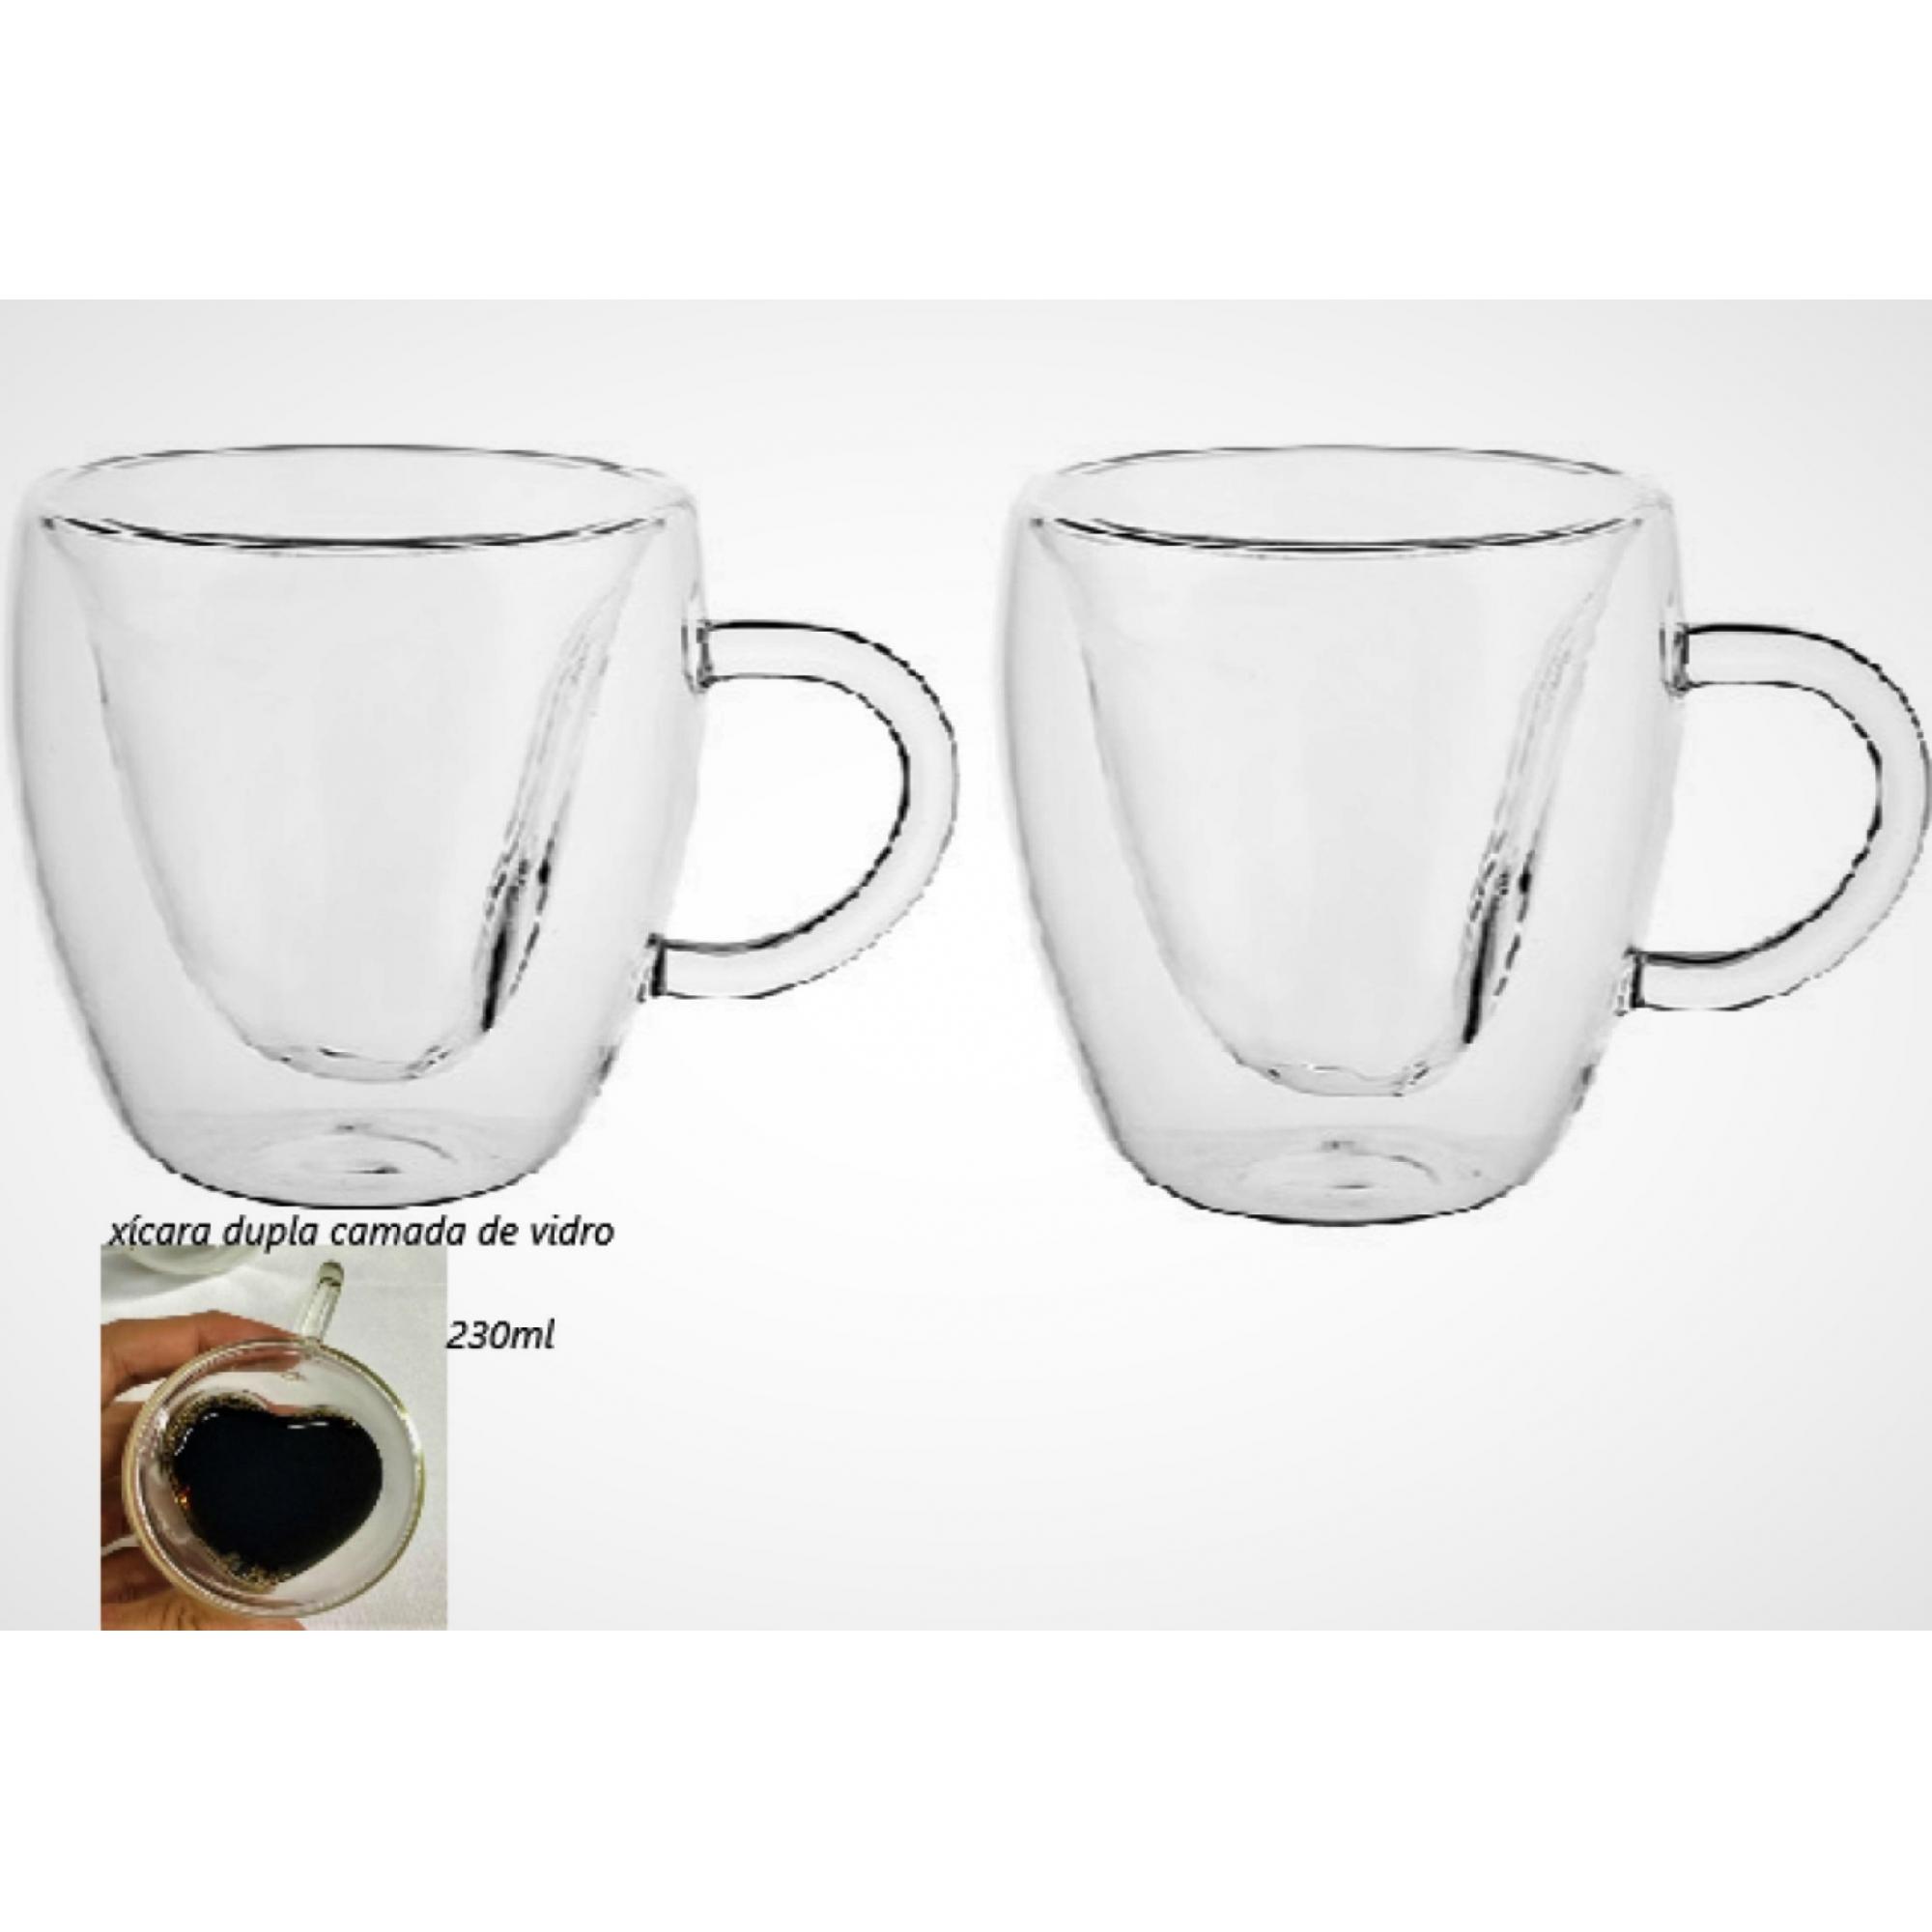 xícara de vidro café parede dupla 2 unidades 230mL caneca de cafe nespesso dolcegusto